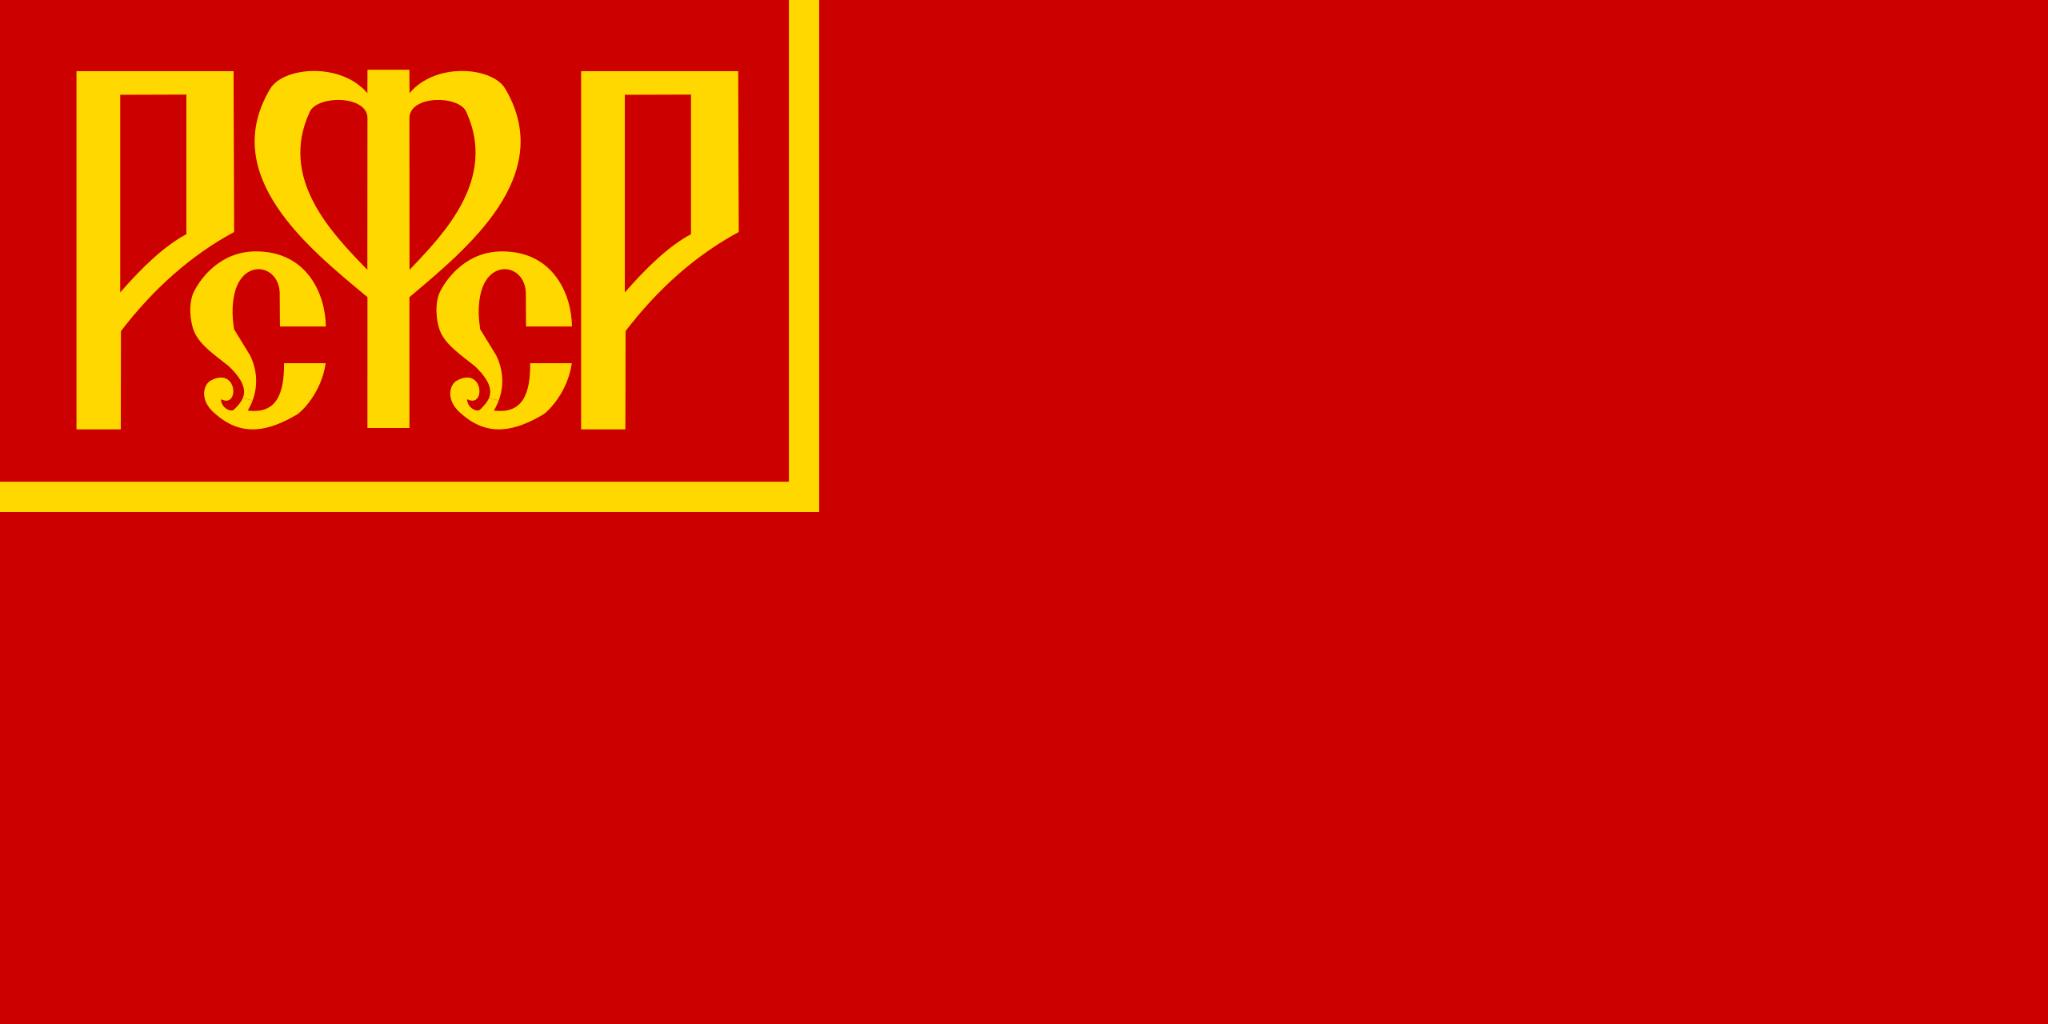 флаг РСФСР фото